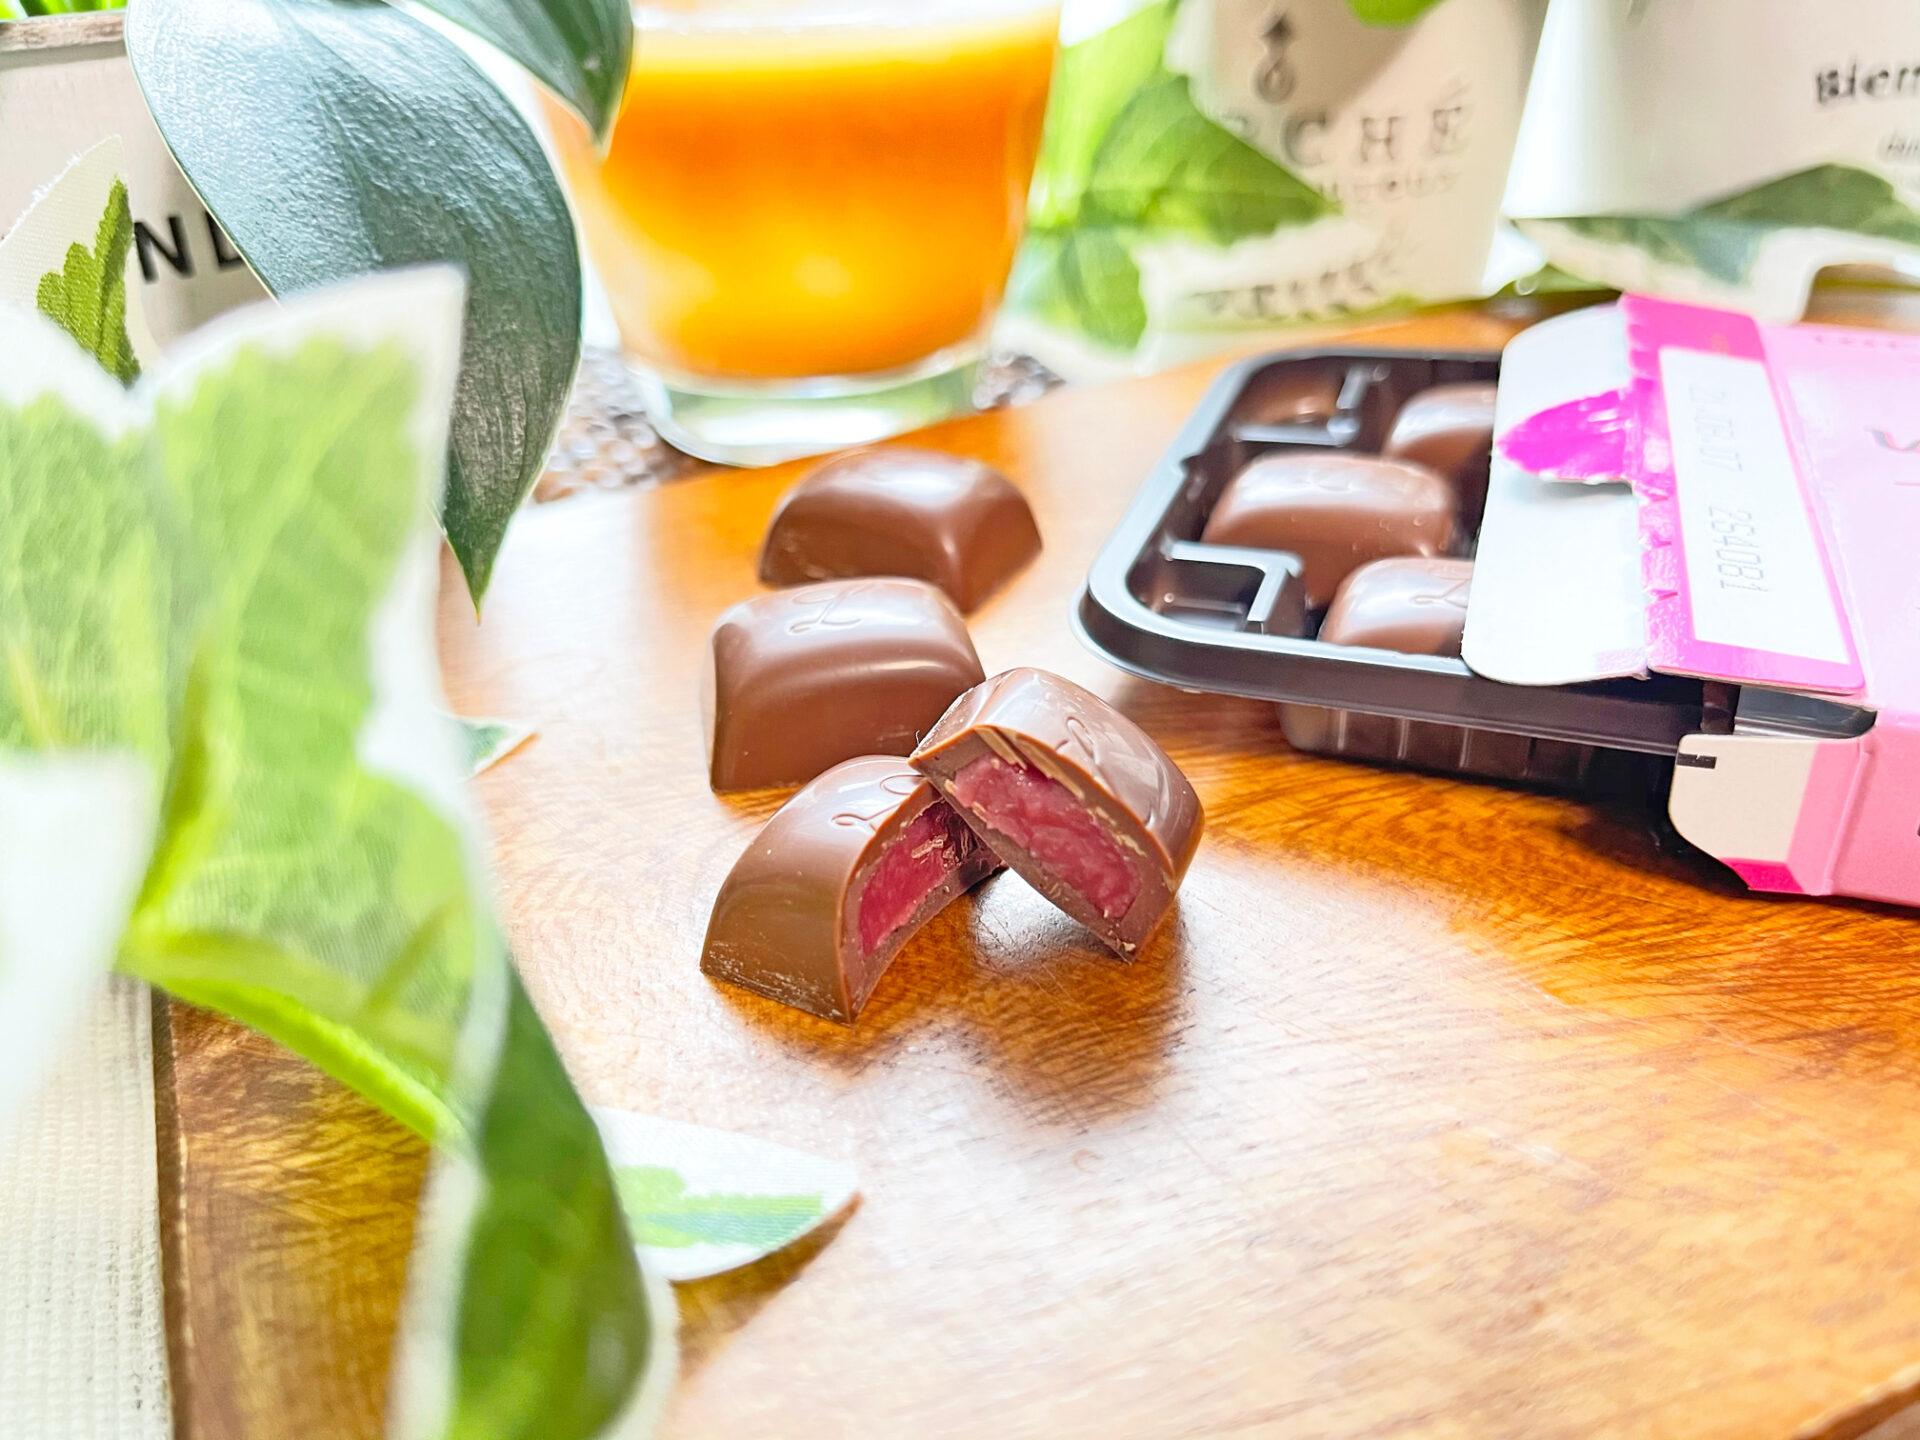 ロッテ『とろっといちごリキュールのチョコレート』